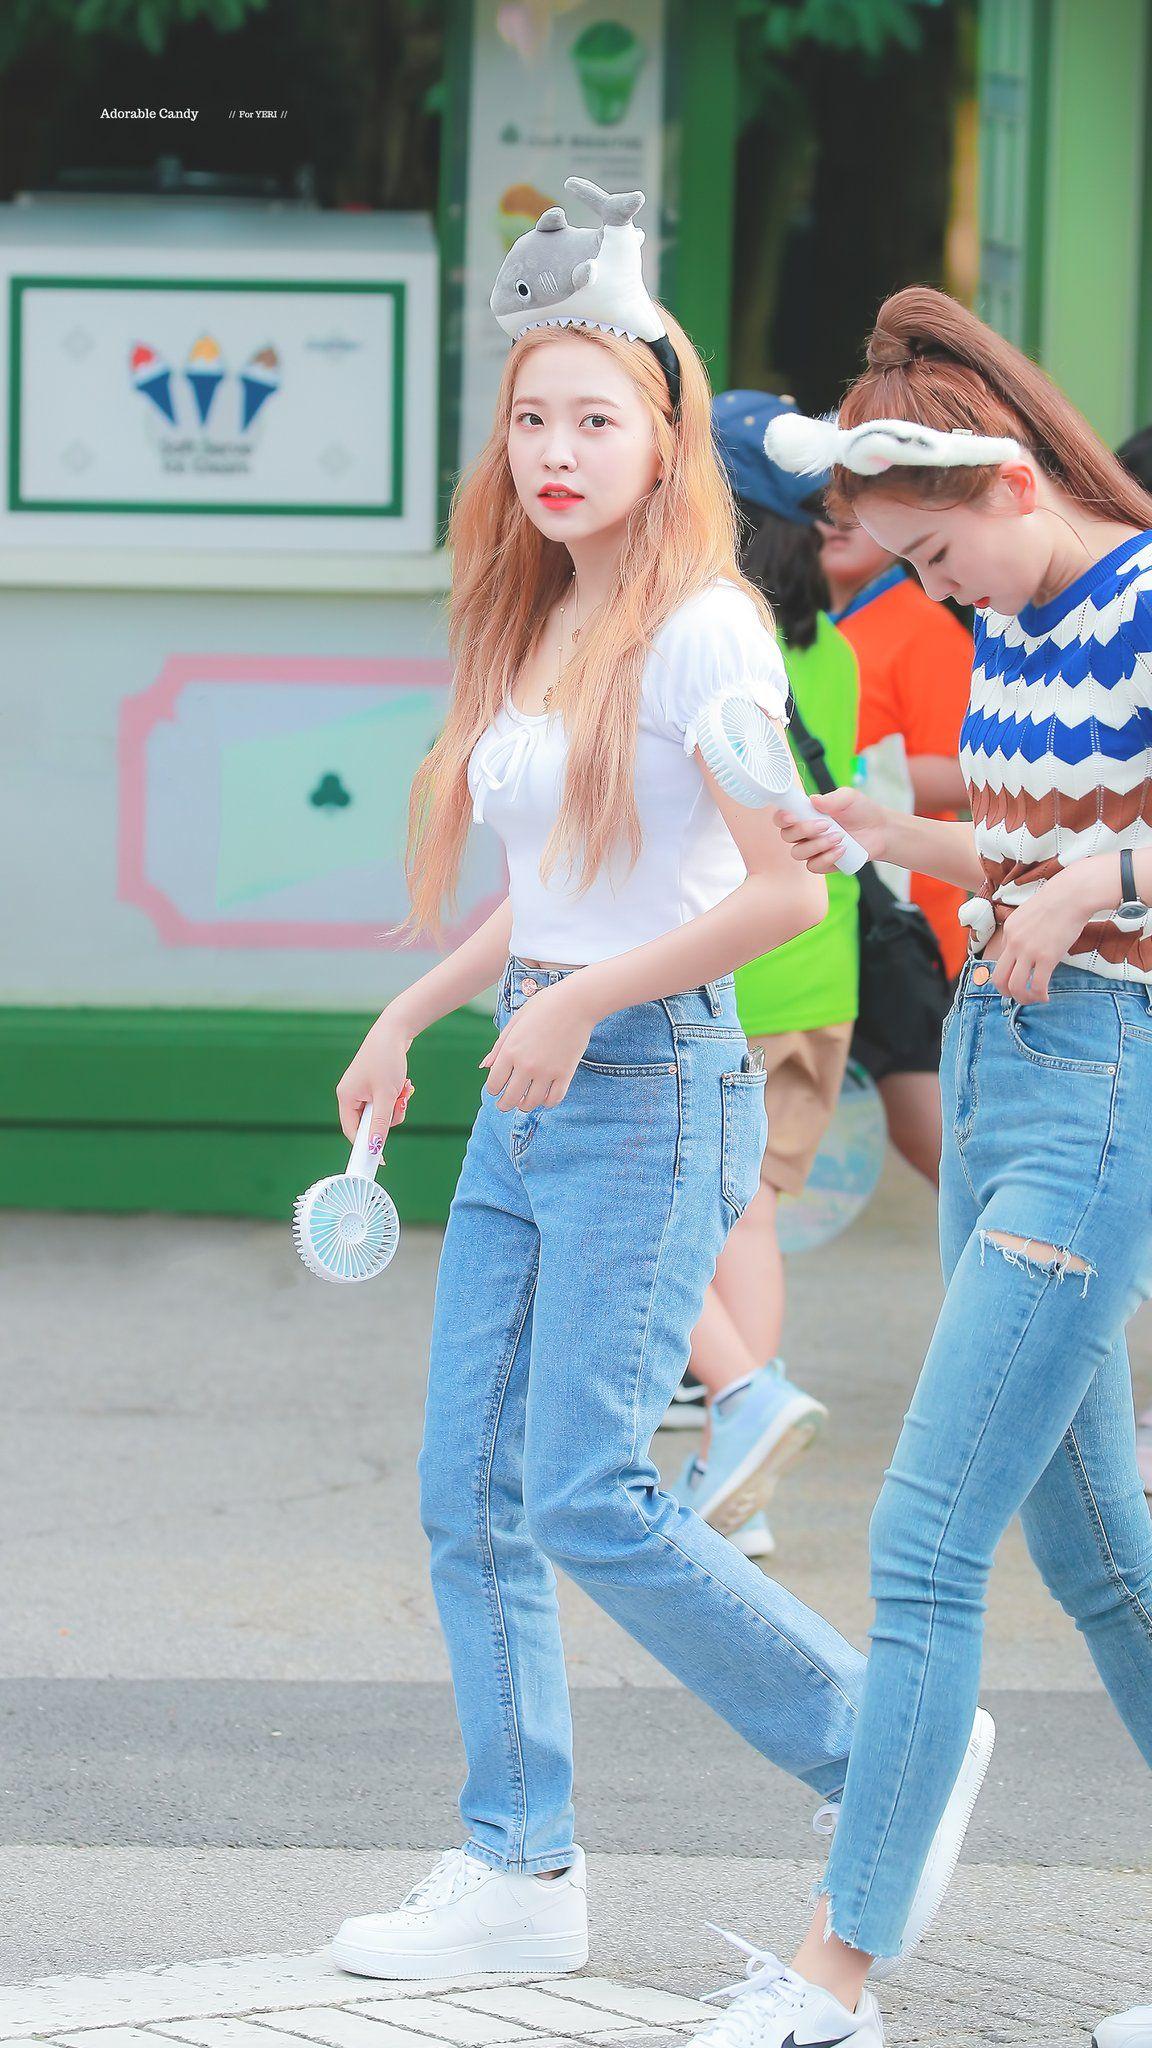 Adorable Candy On Twitter Red Velvet Velvet Fashion Red Velvet Cheesecake